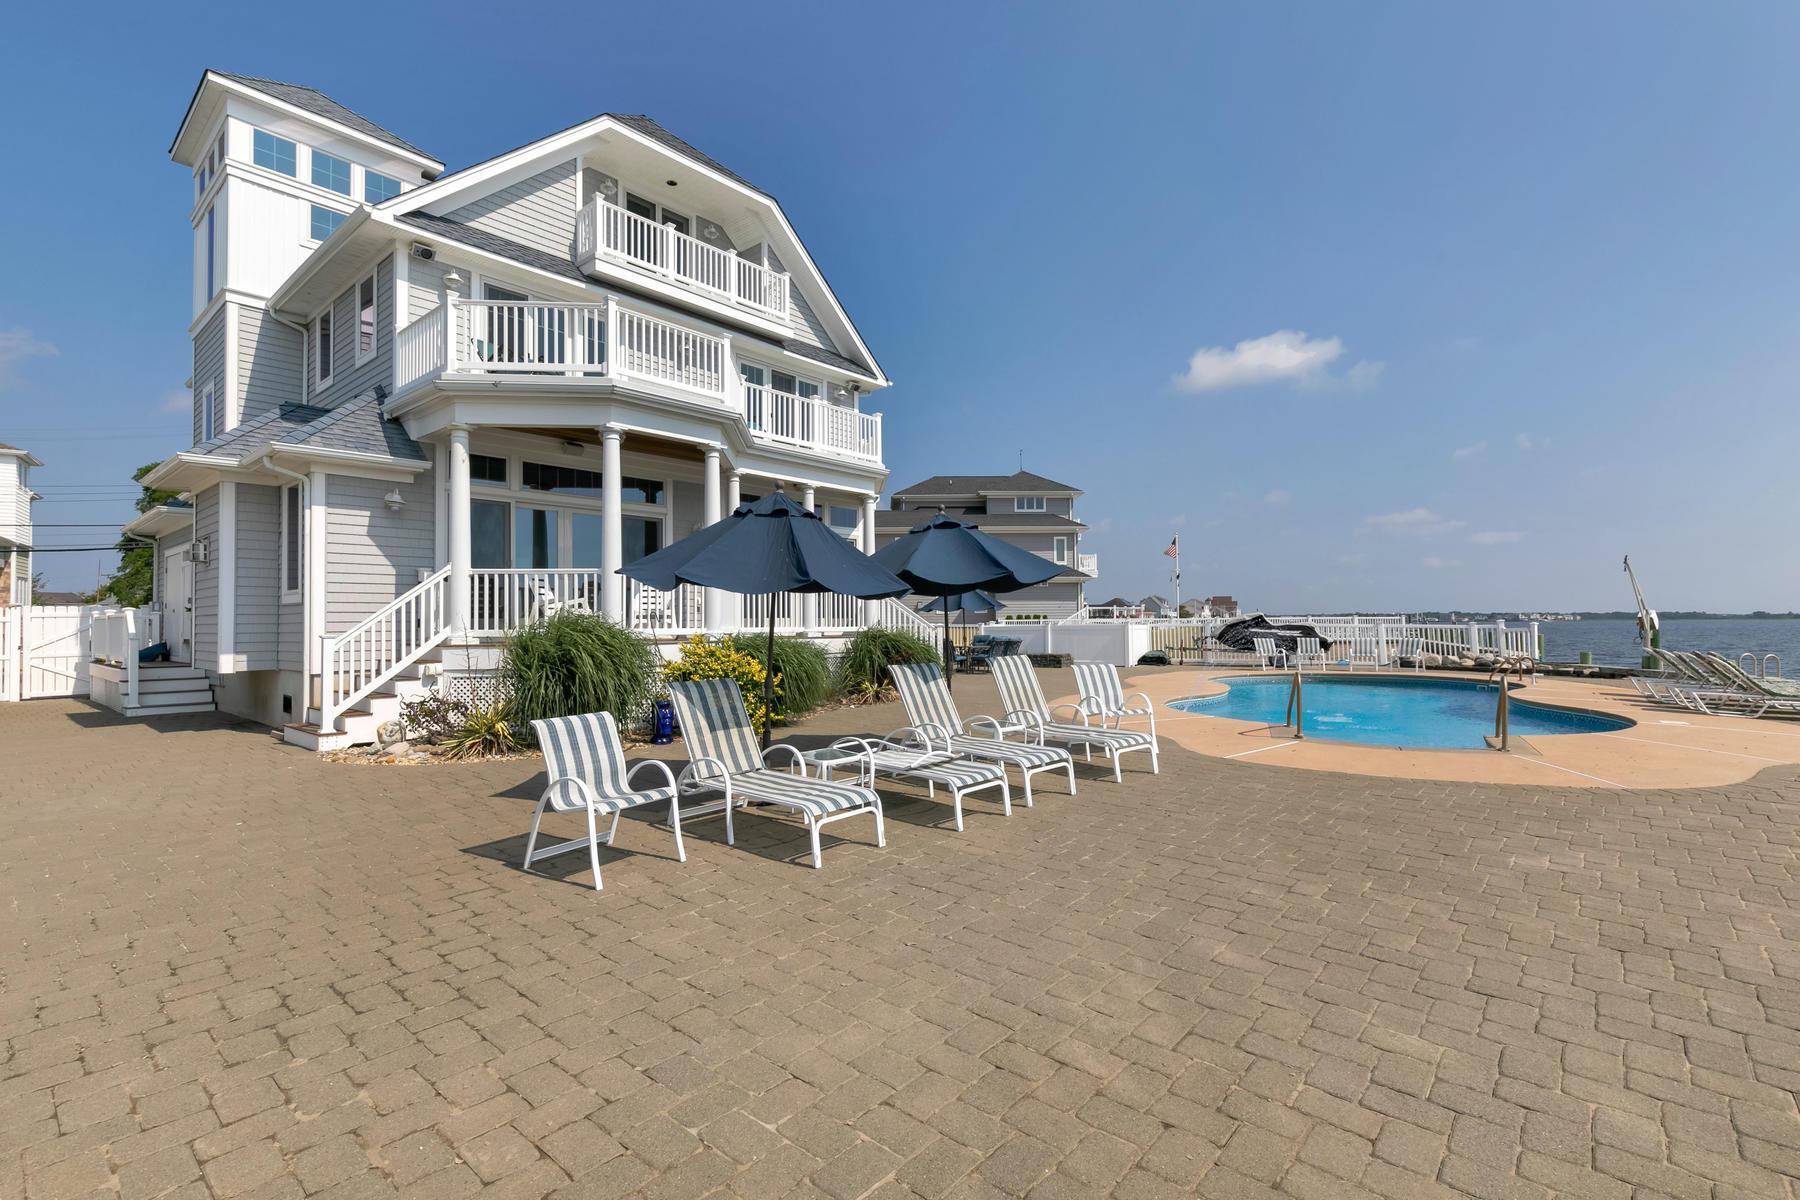 独户住宅 为 销售 在 581 Bayview Drive 汤姆斯河, 新泽西州 08753 美国